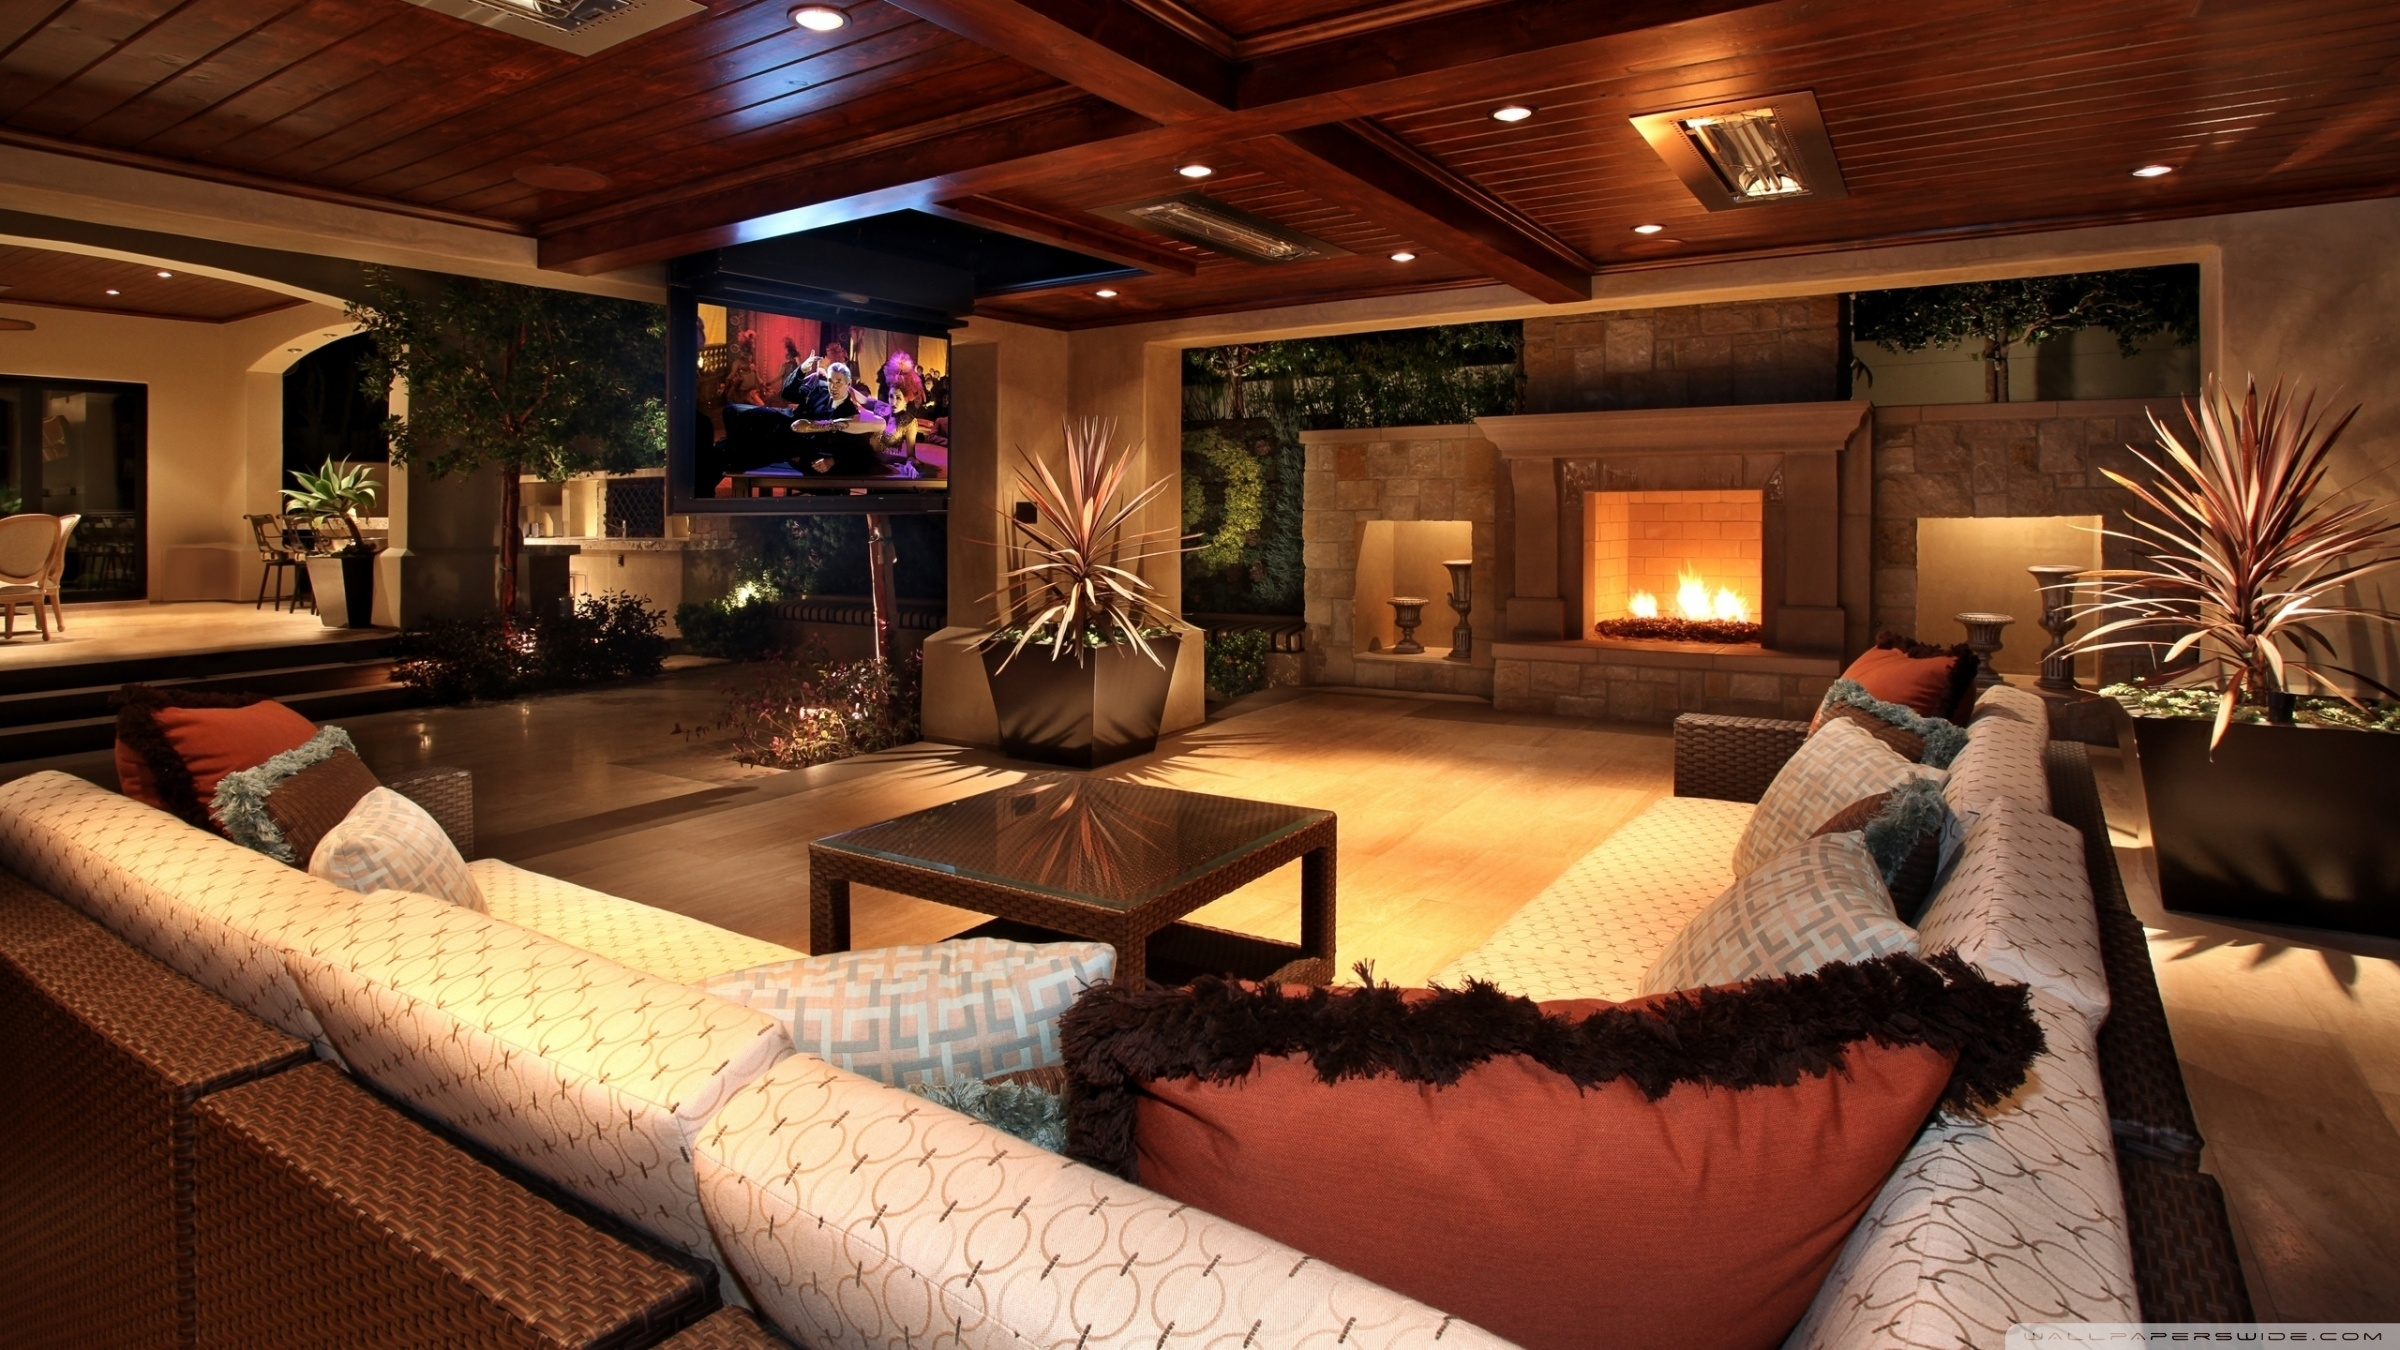 Luxury House Interior 4K HD Desktop Wallpaper for 4K Ultra HD 2400x1350